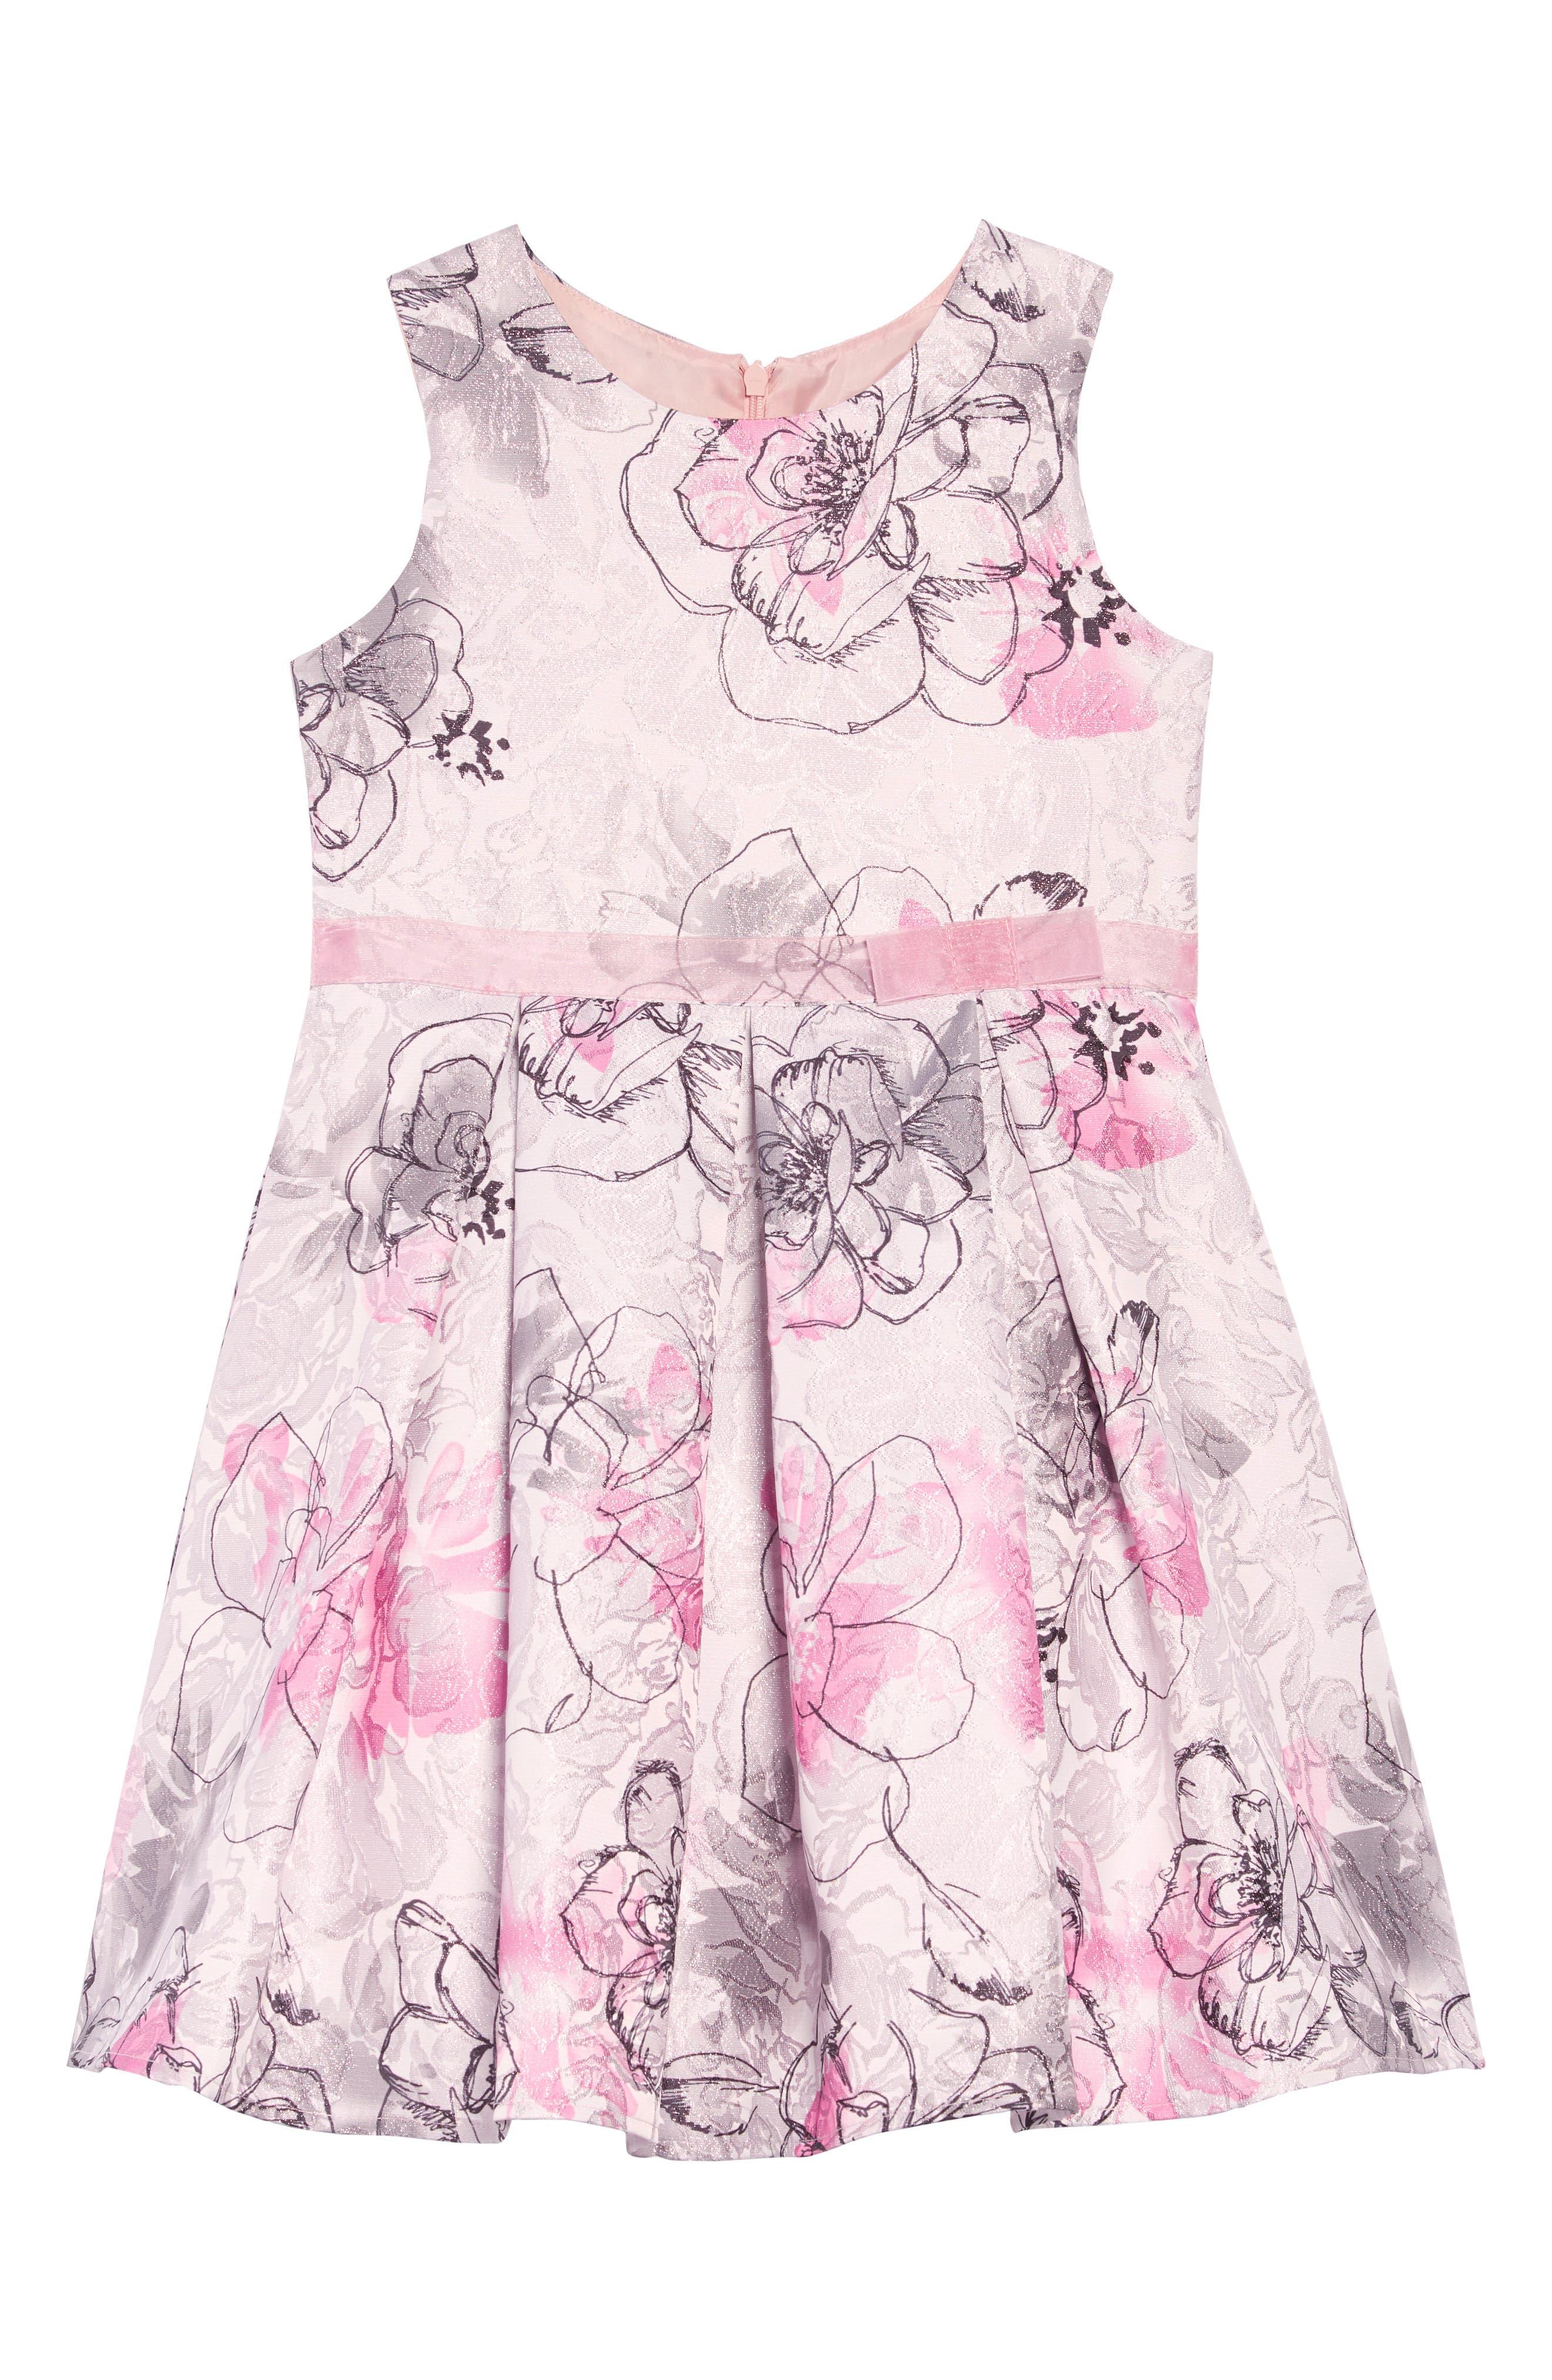 Jacquard Floral Dress,                         Main,                         color, 650